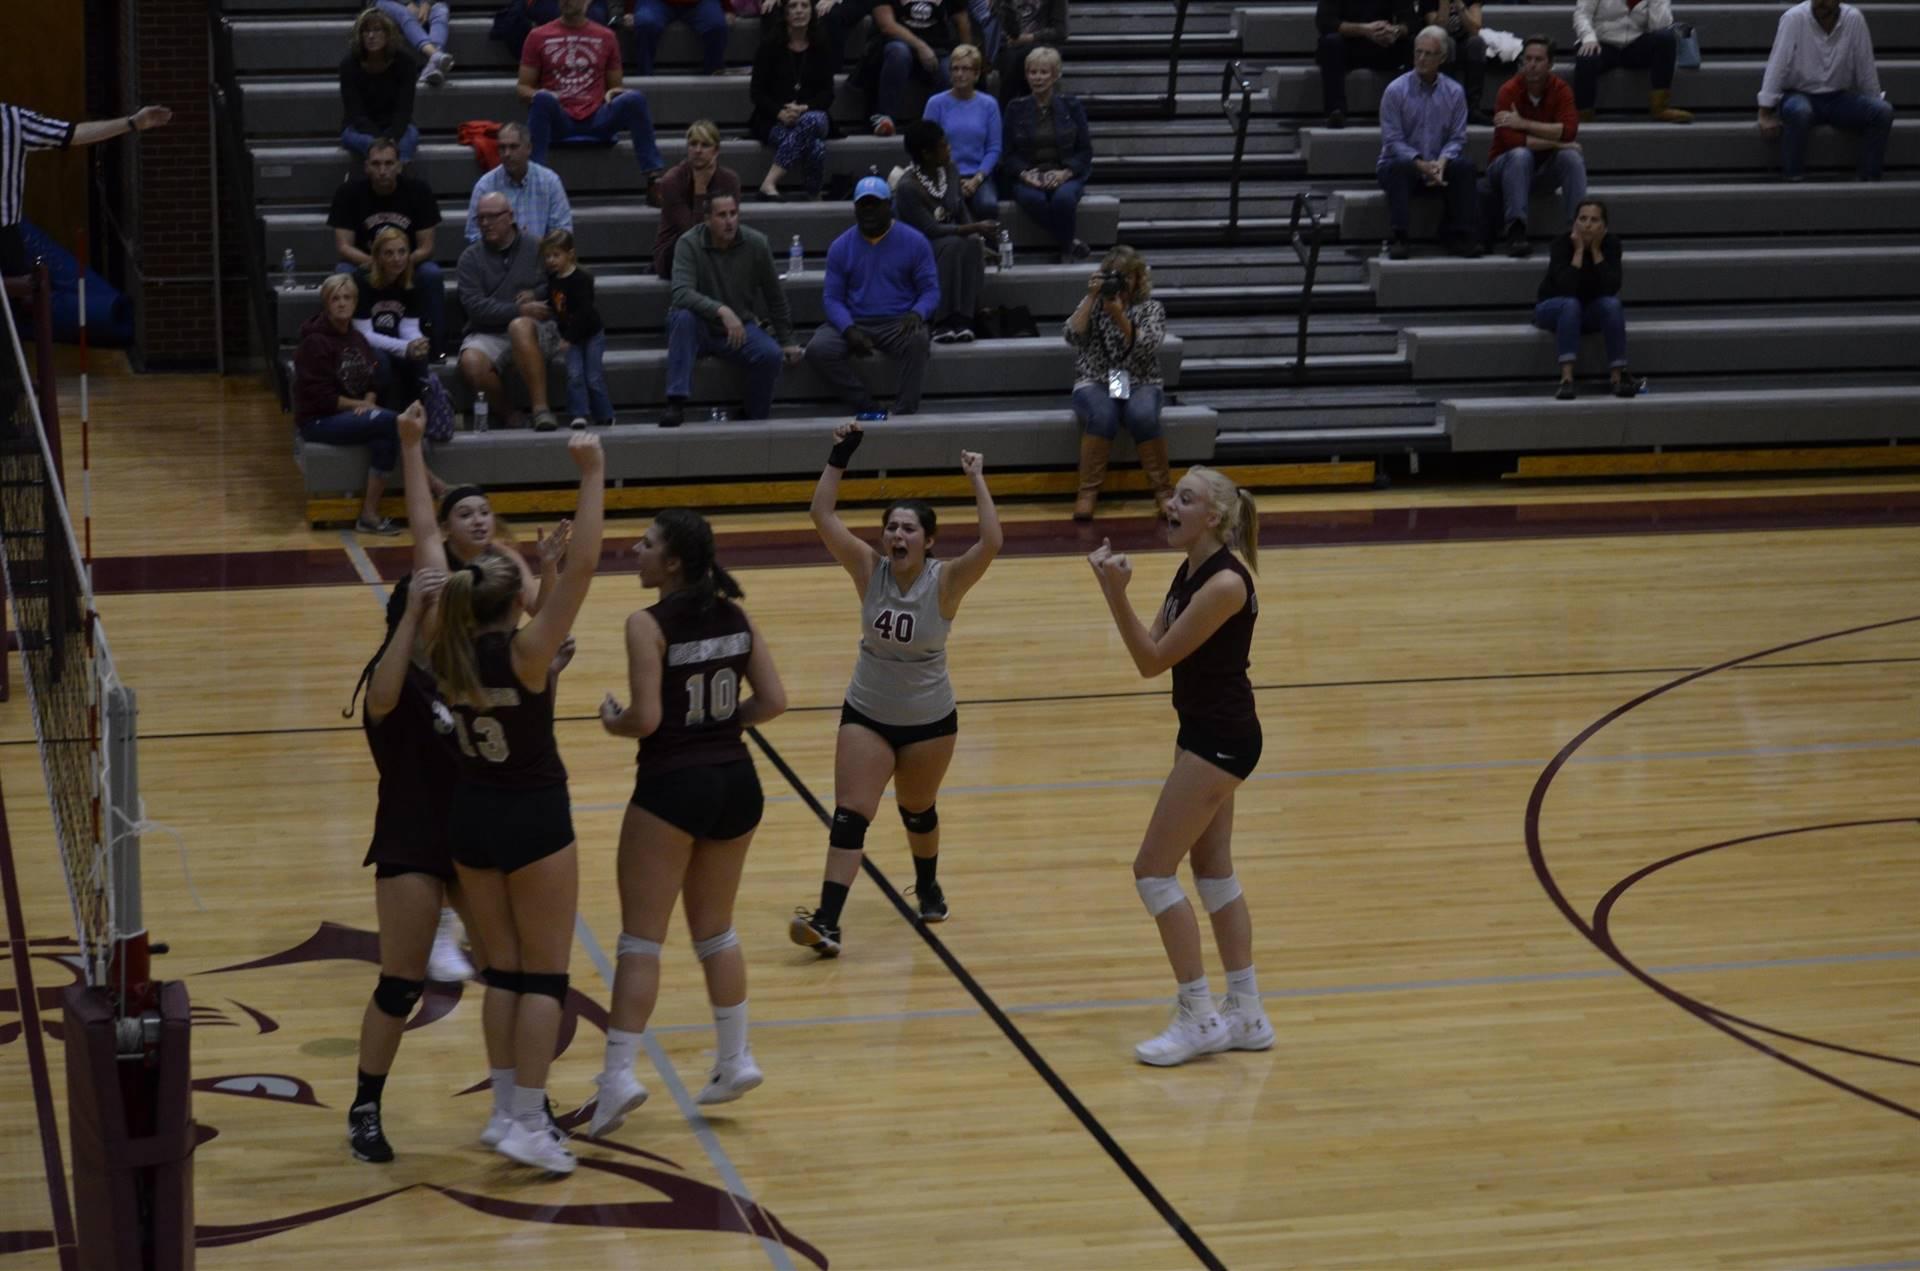 Varsity girl's volleyball - Team effort!